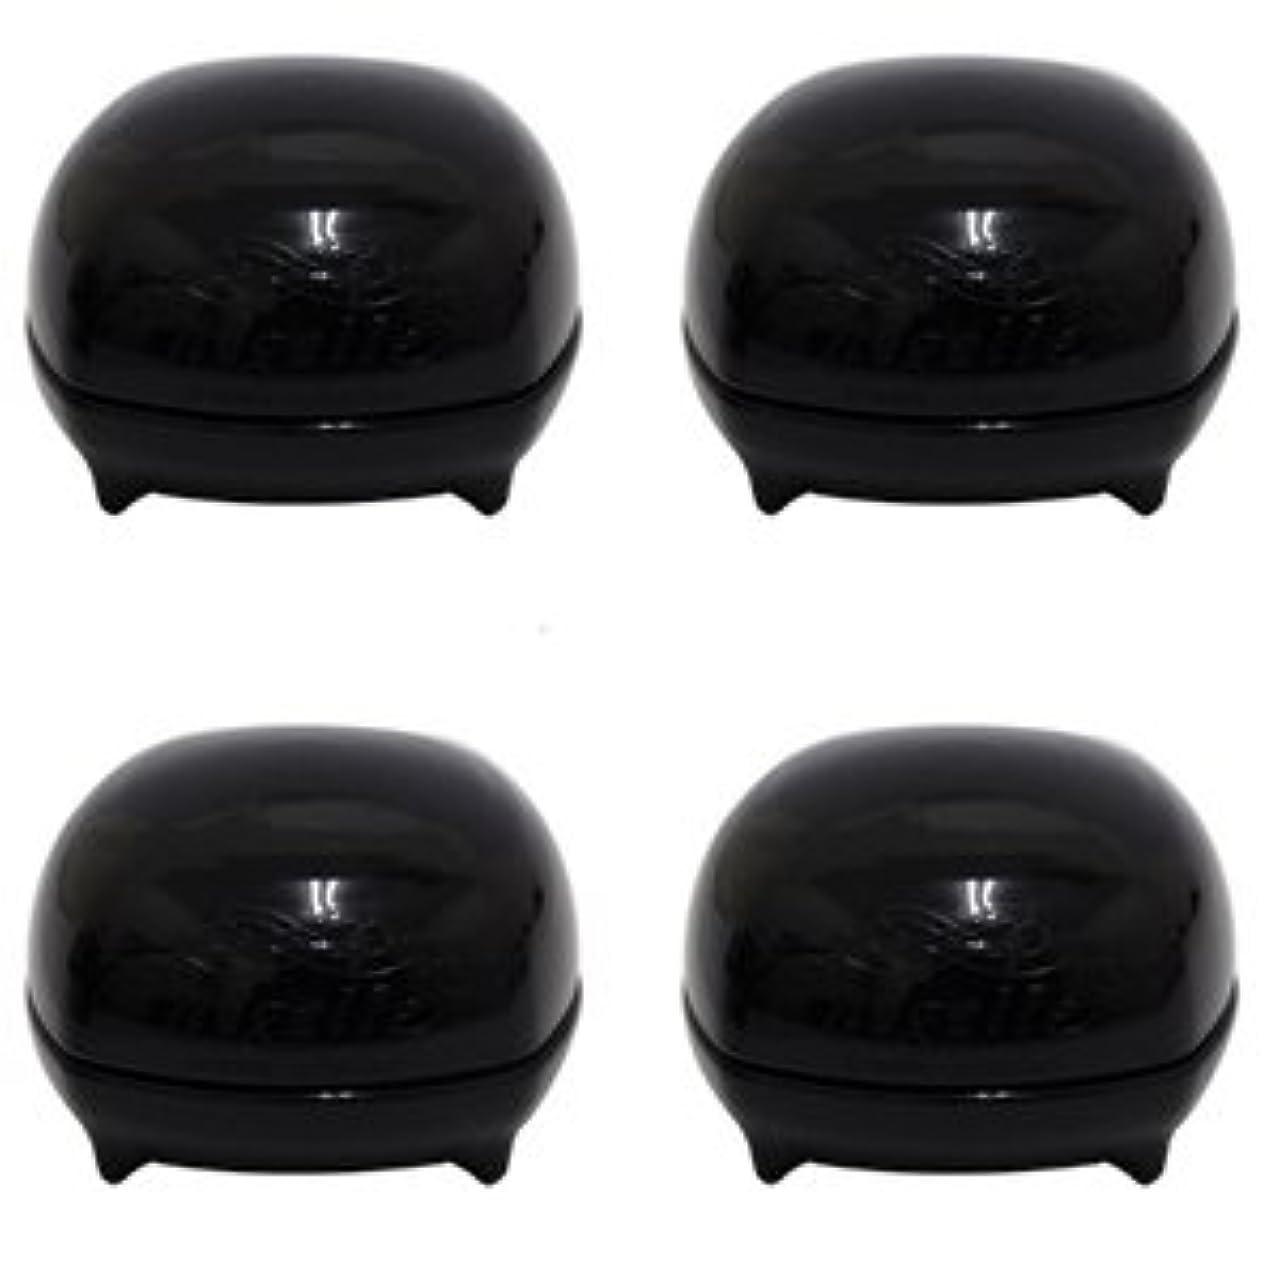 収束する不倫装置【X4個セット】 ミルボン ニゼル グラスプワックス 30g (ニゼルドレシアコレクション) GRASP WAX MILBON